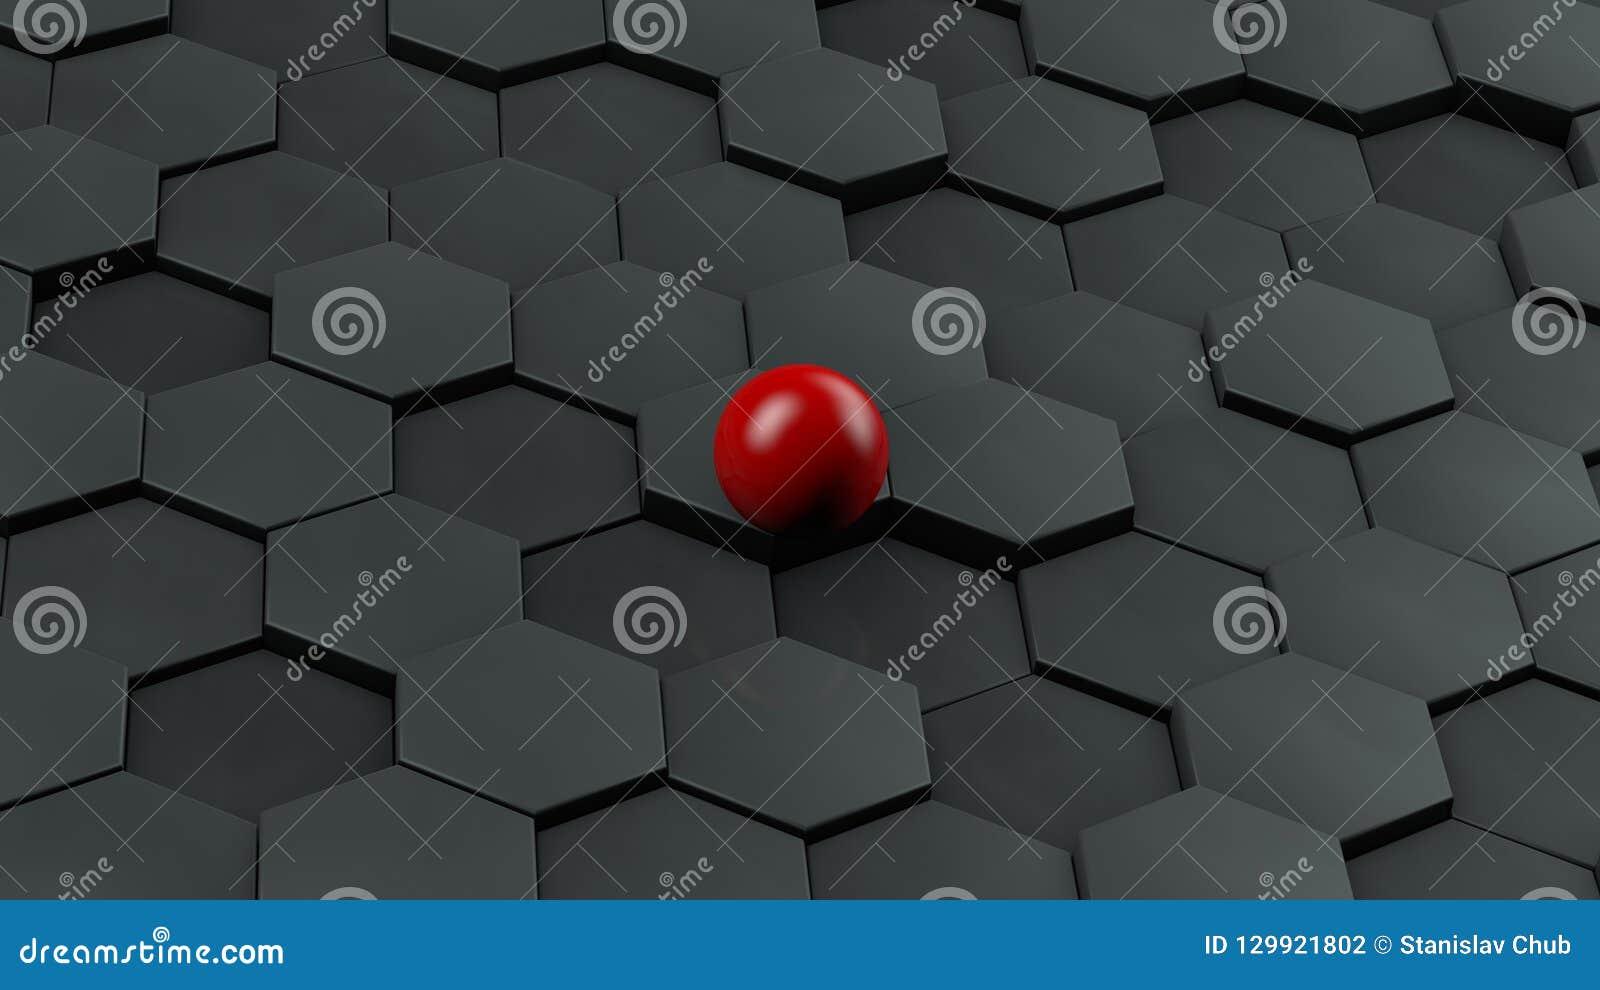 Abstracte illustratie van zwarte zeshoeken van verschillende grootte en rode bal die in het centrum liggen Het idee van uniciteit